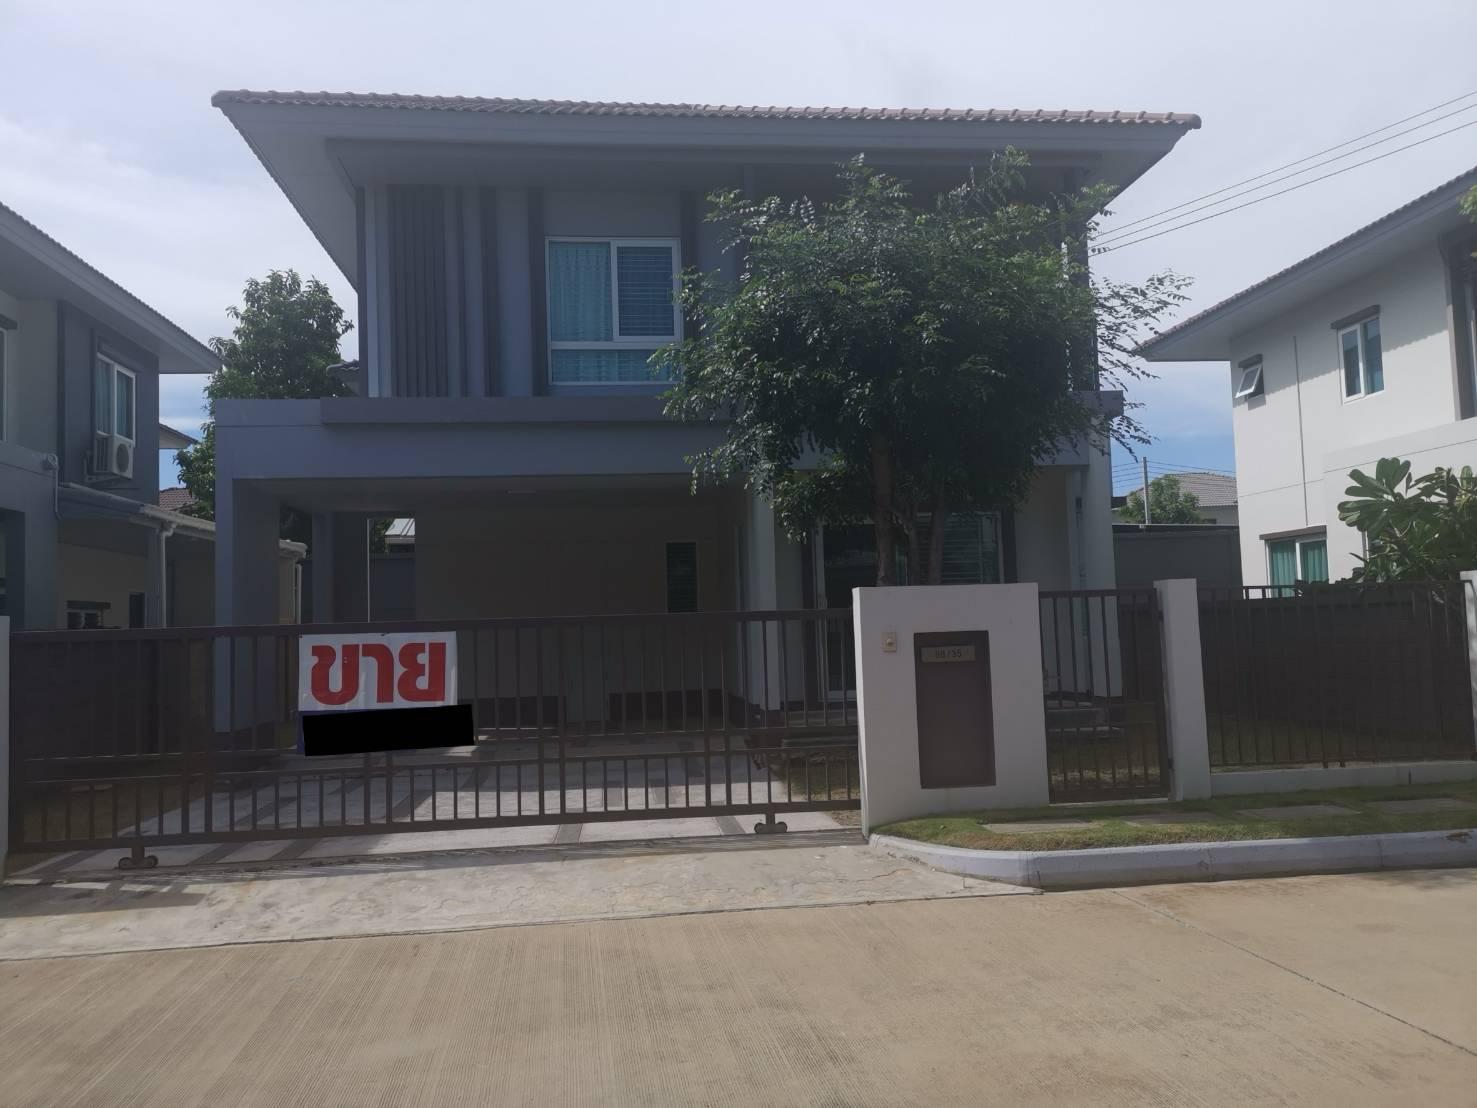 ภาพ#ขายบ้านเดี่ยว 50.6 ตรว. หมู่บ้านสราญสิริ 2 ติวานนท์-แจ้งวัฒนะ บ้านใหม่ เมือง ปทุมธานี บ้านคุณภาพจาก แสนสิริ#